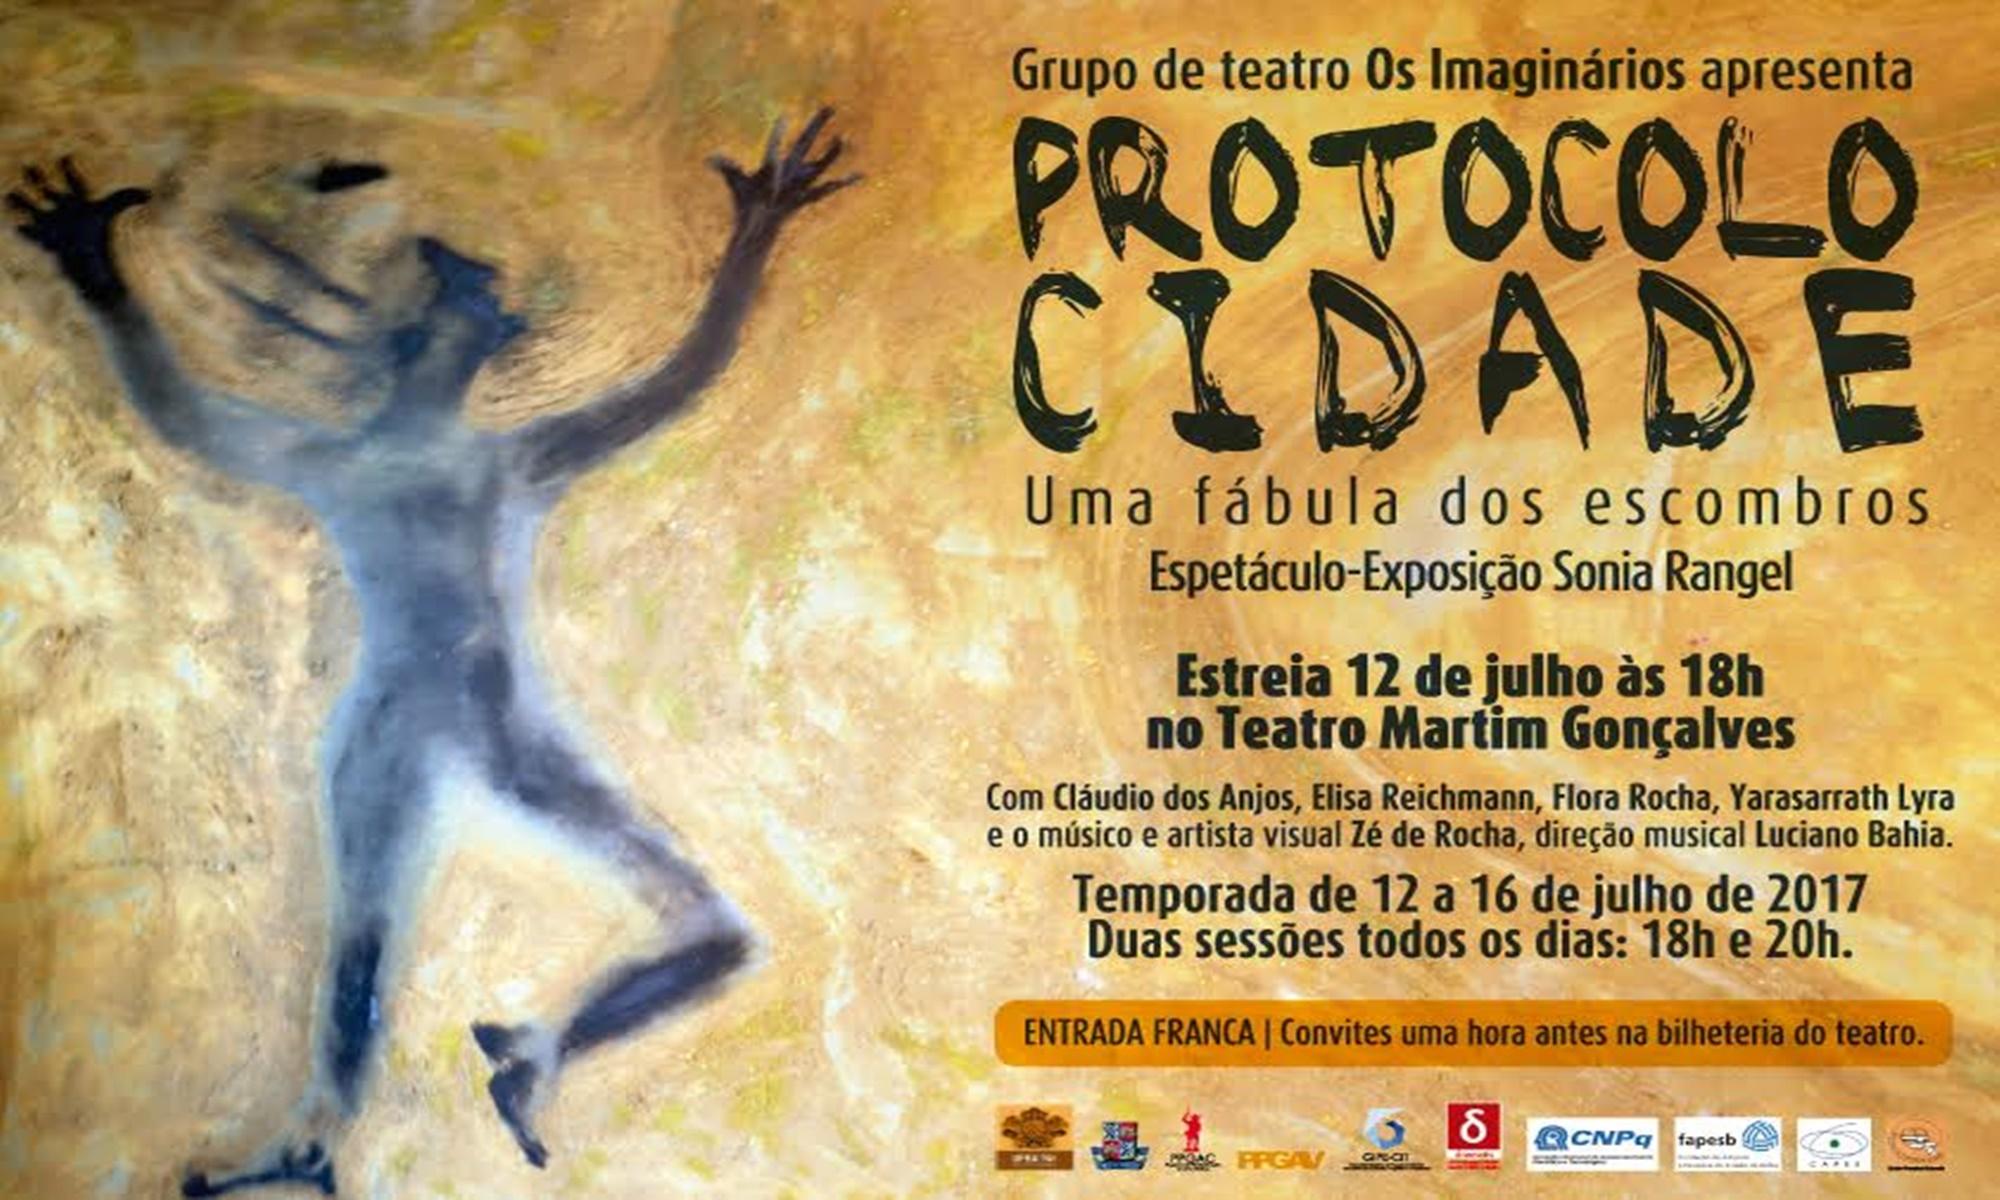 PROTOCOLO CIDADE: uma fábula dos escombros é apresentado em curta temporada no Teatro Martin Gonçalves